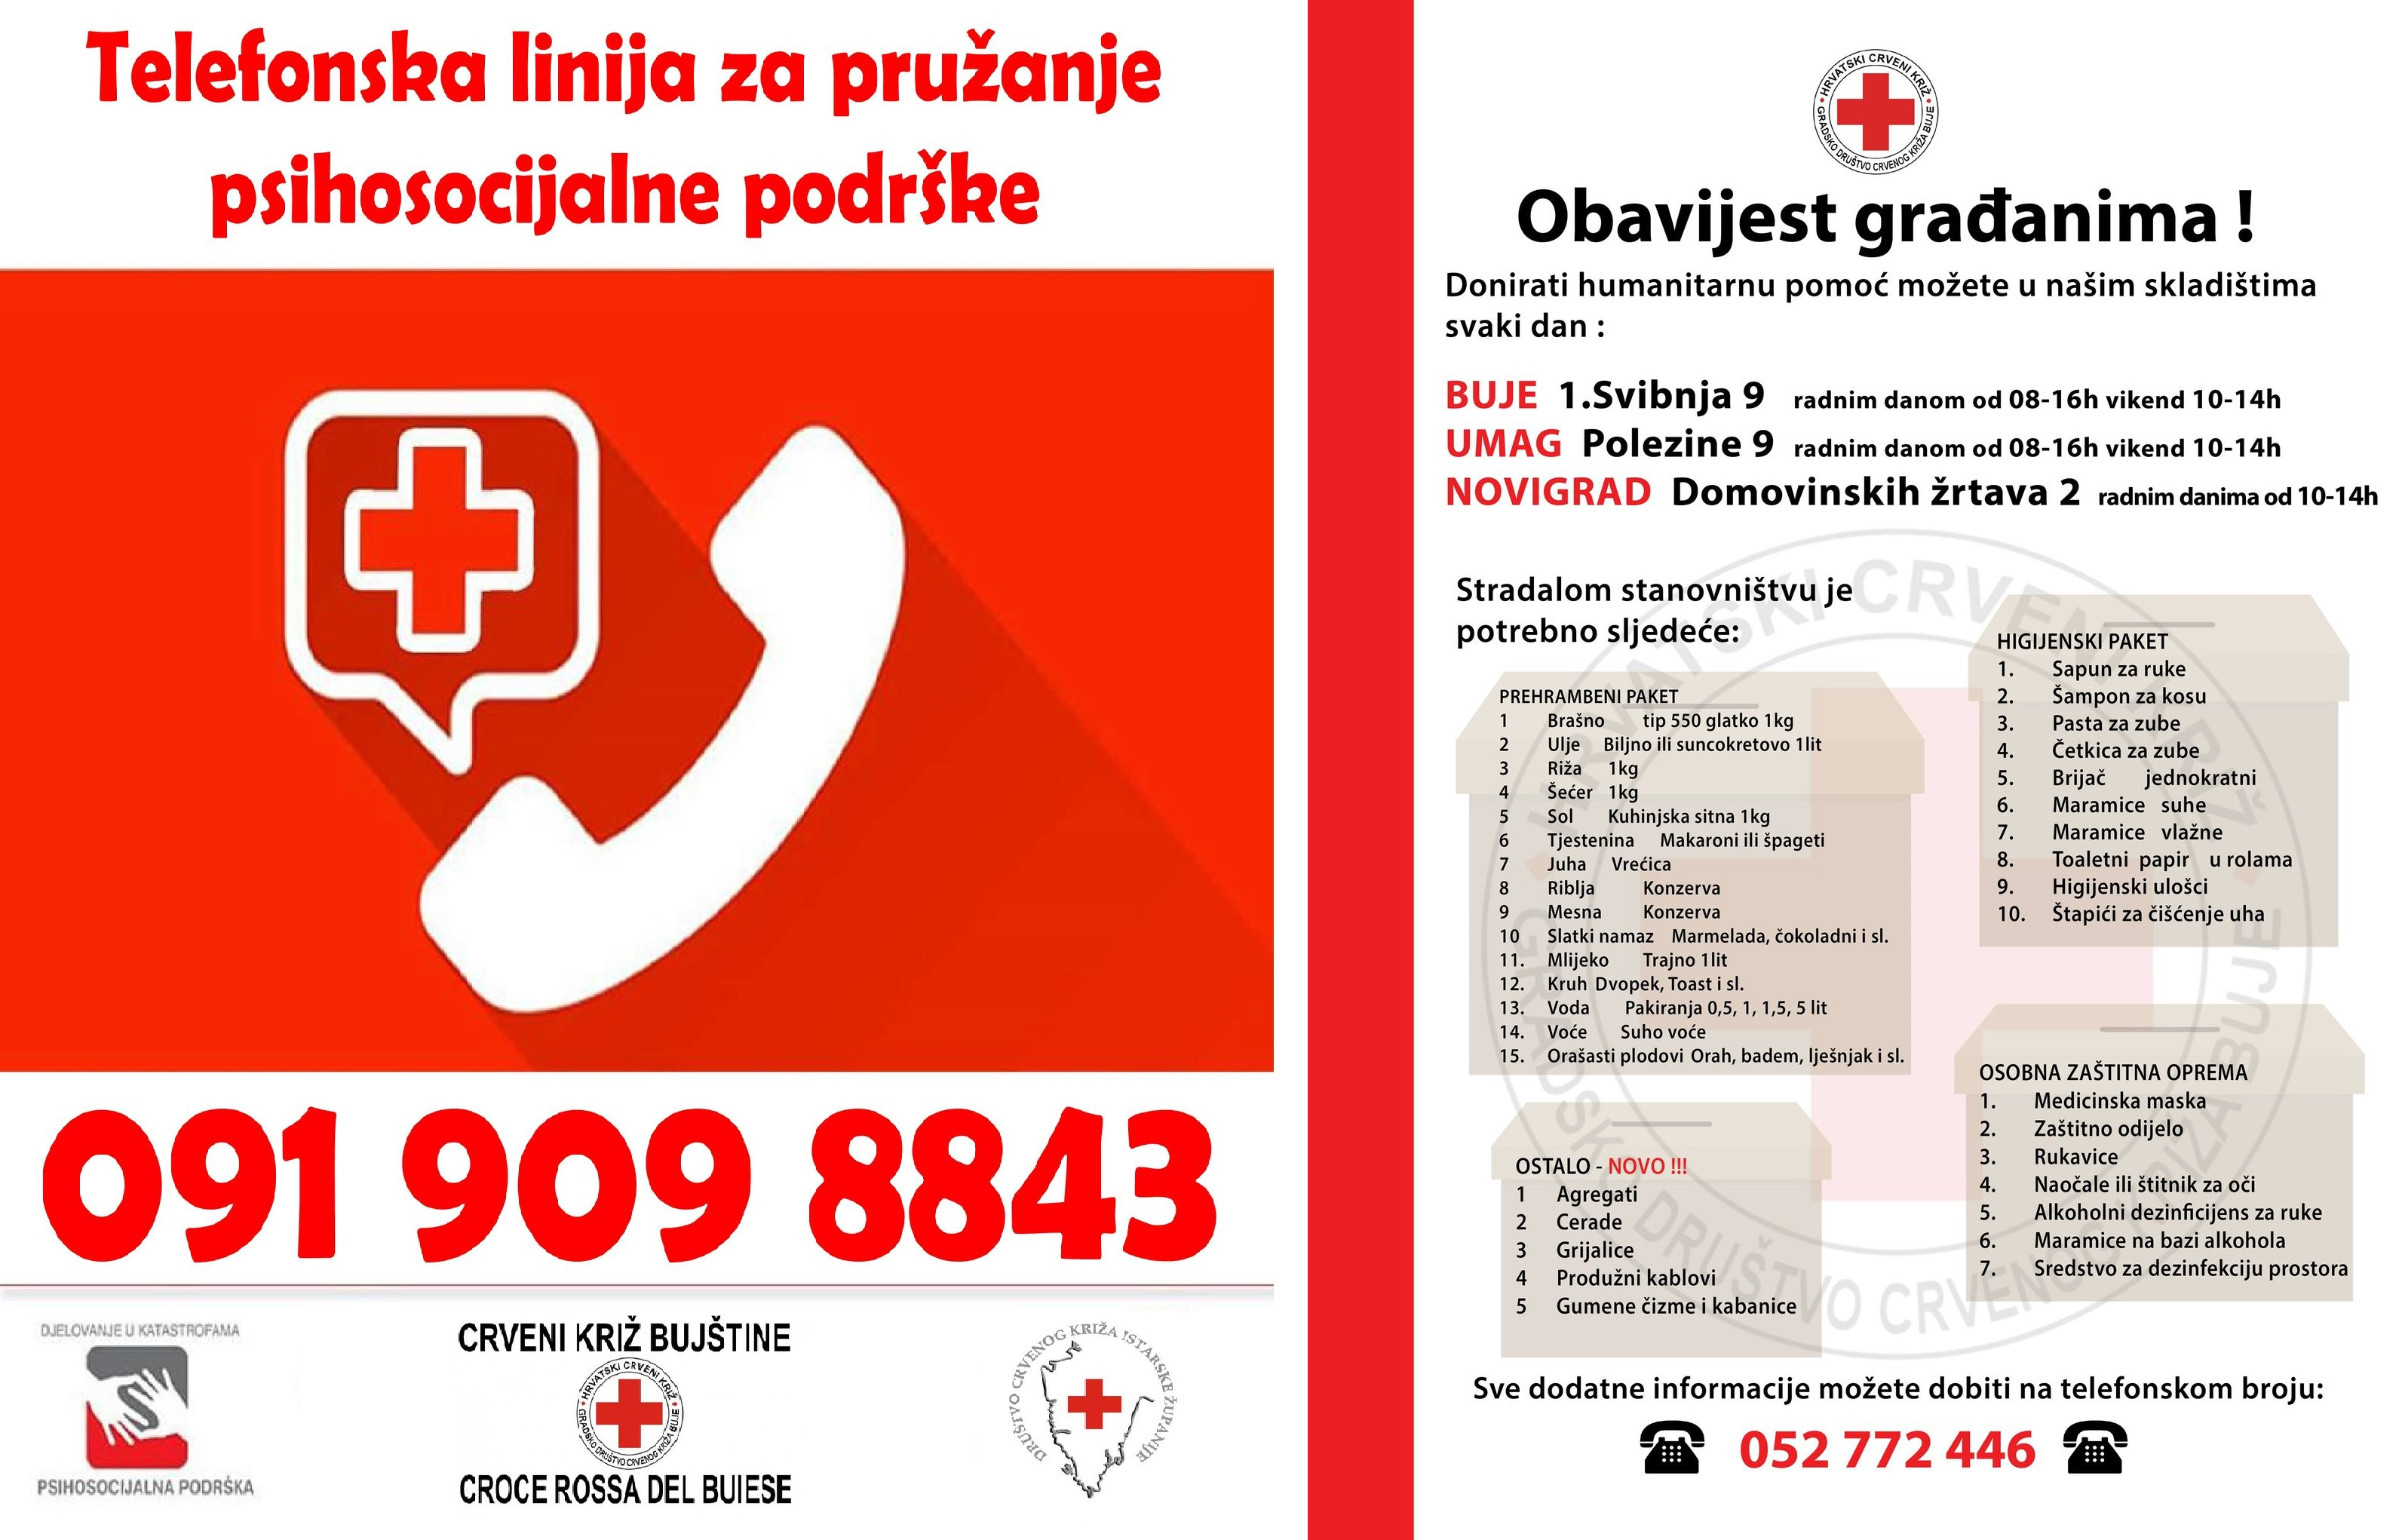 Crveni križ Bujštine objavio aktualne potrebe za humanitarnom pomoći i uveo telefon za psihološku pomoć